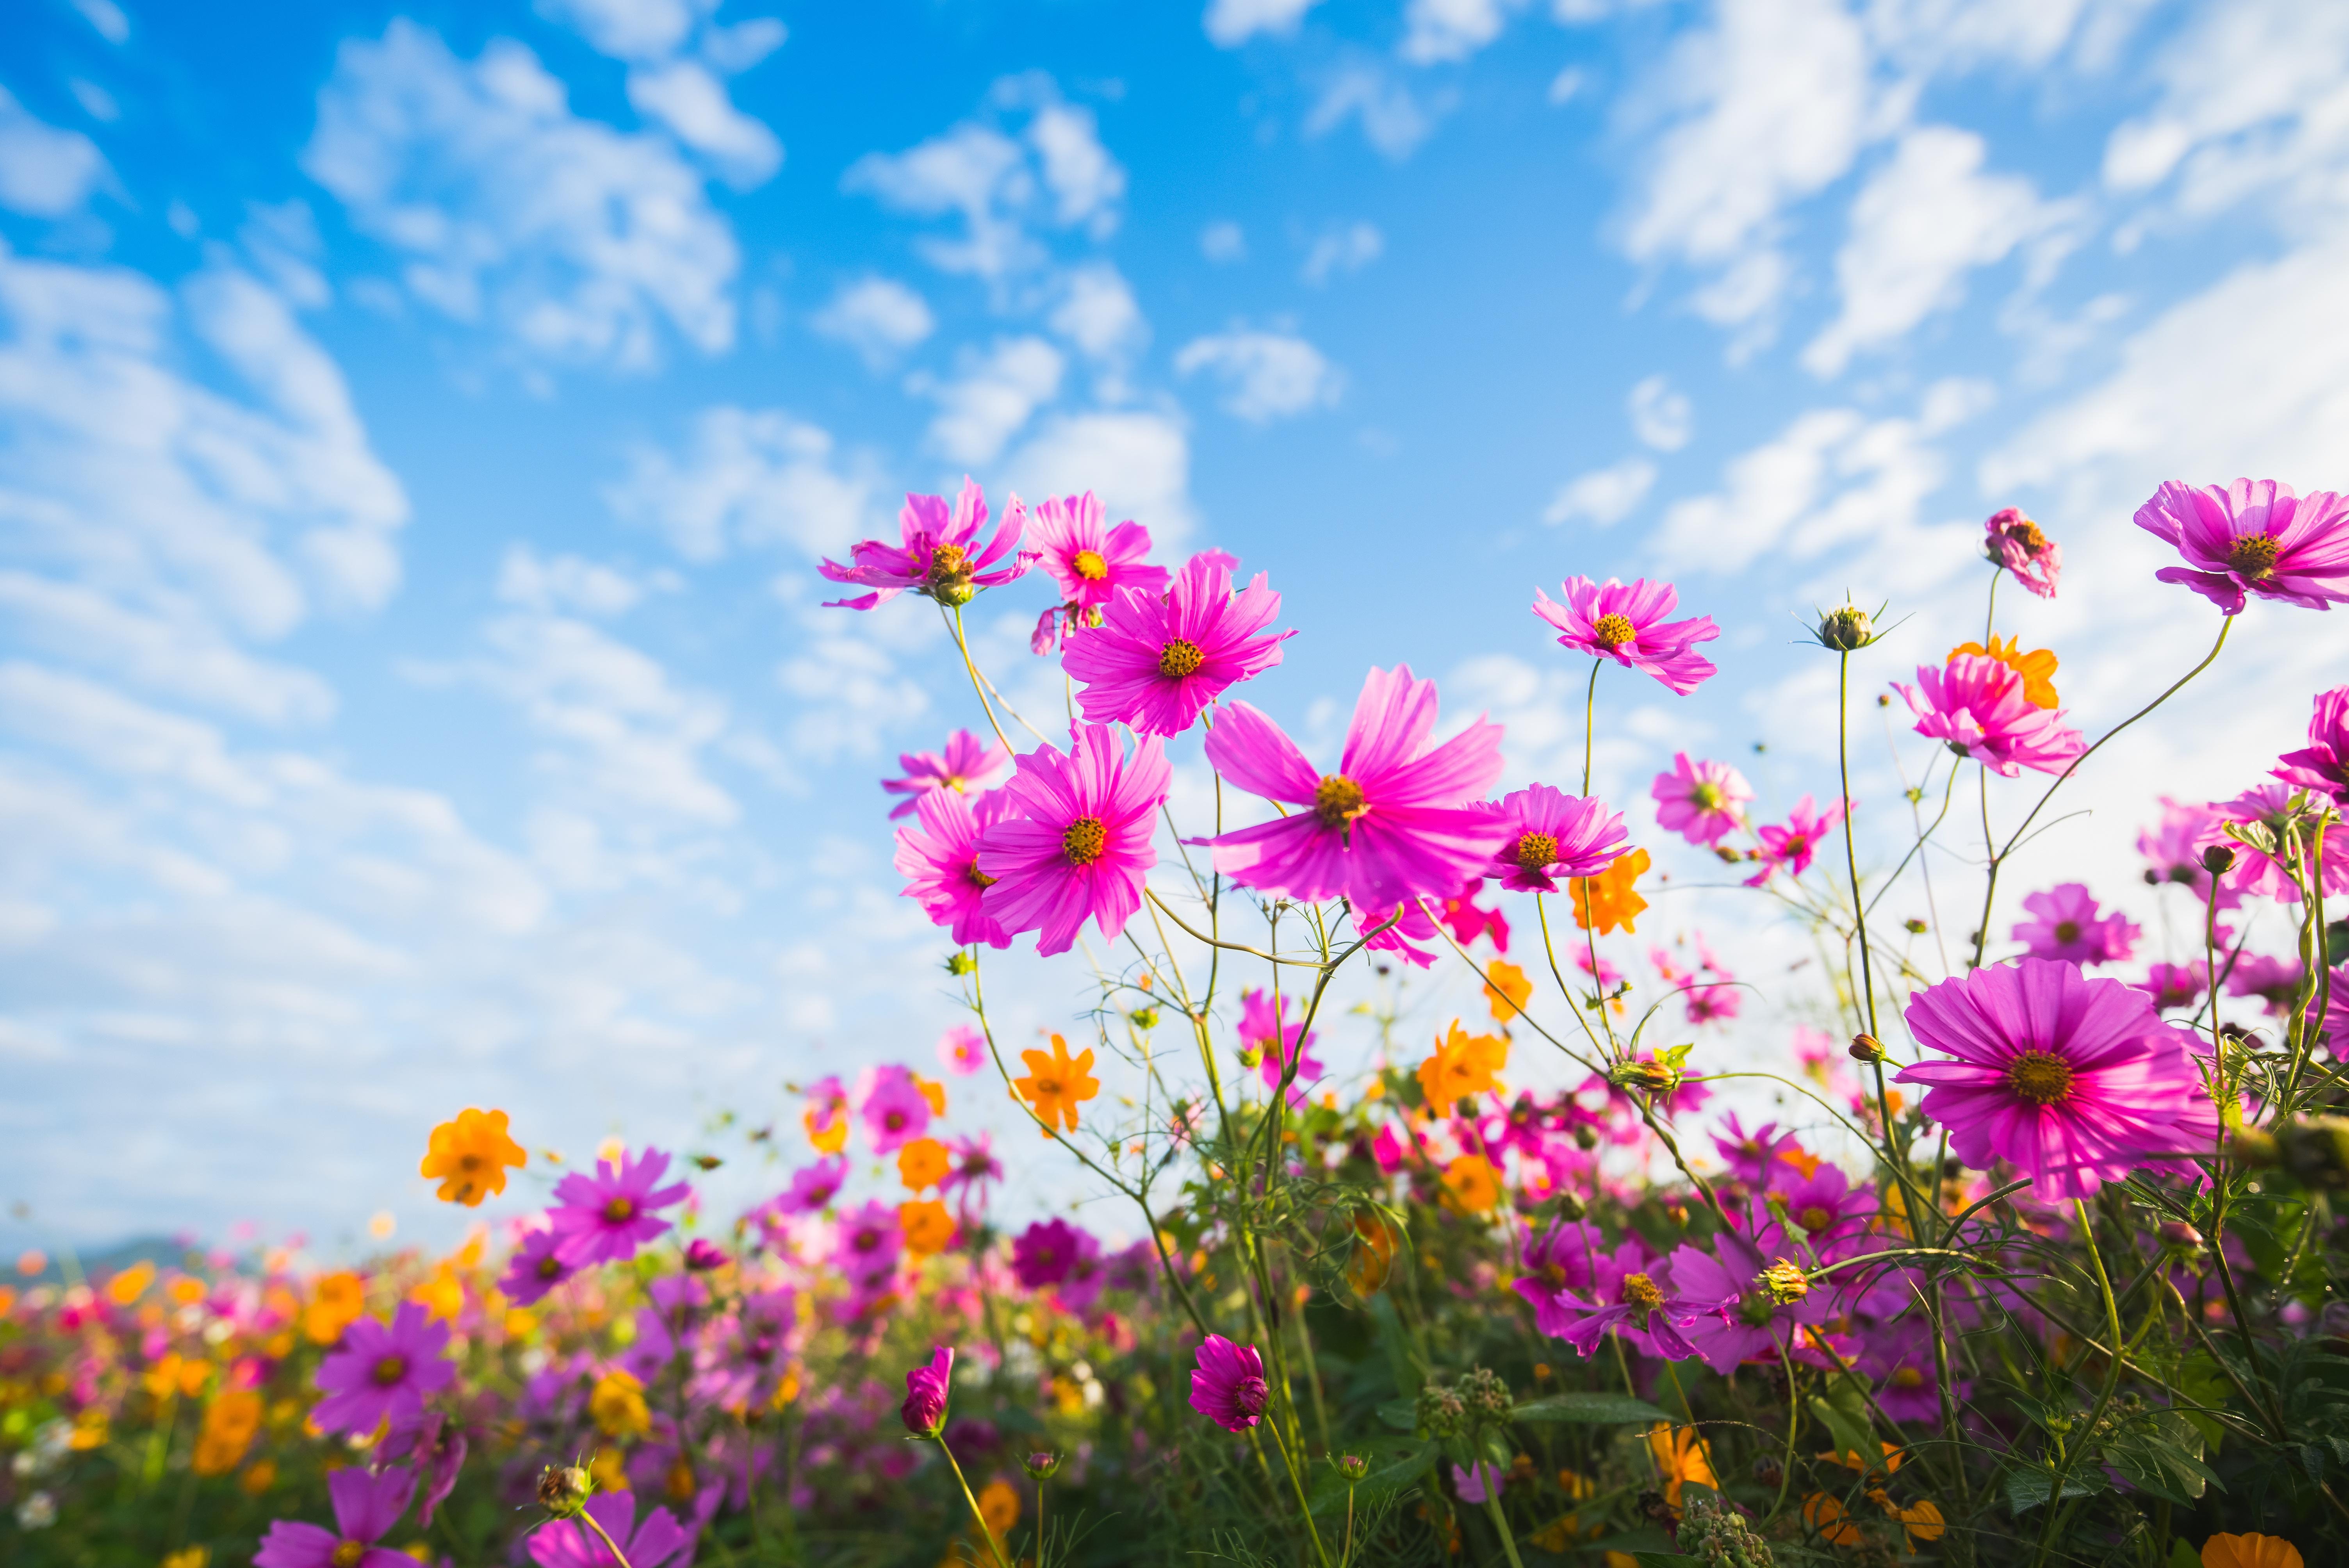 будете фото лето цветы и солнце данном